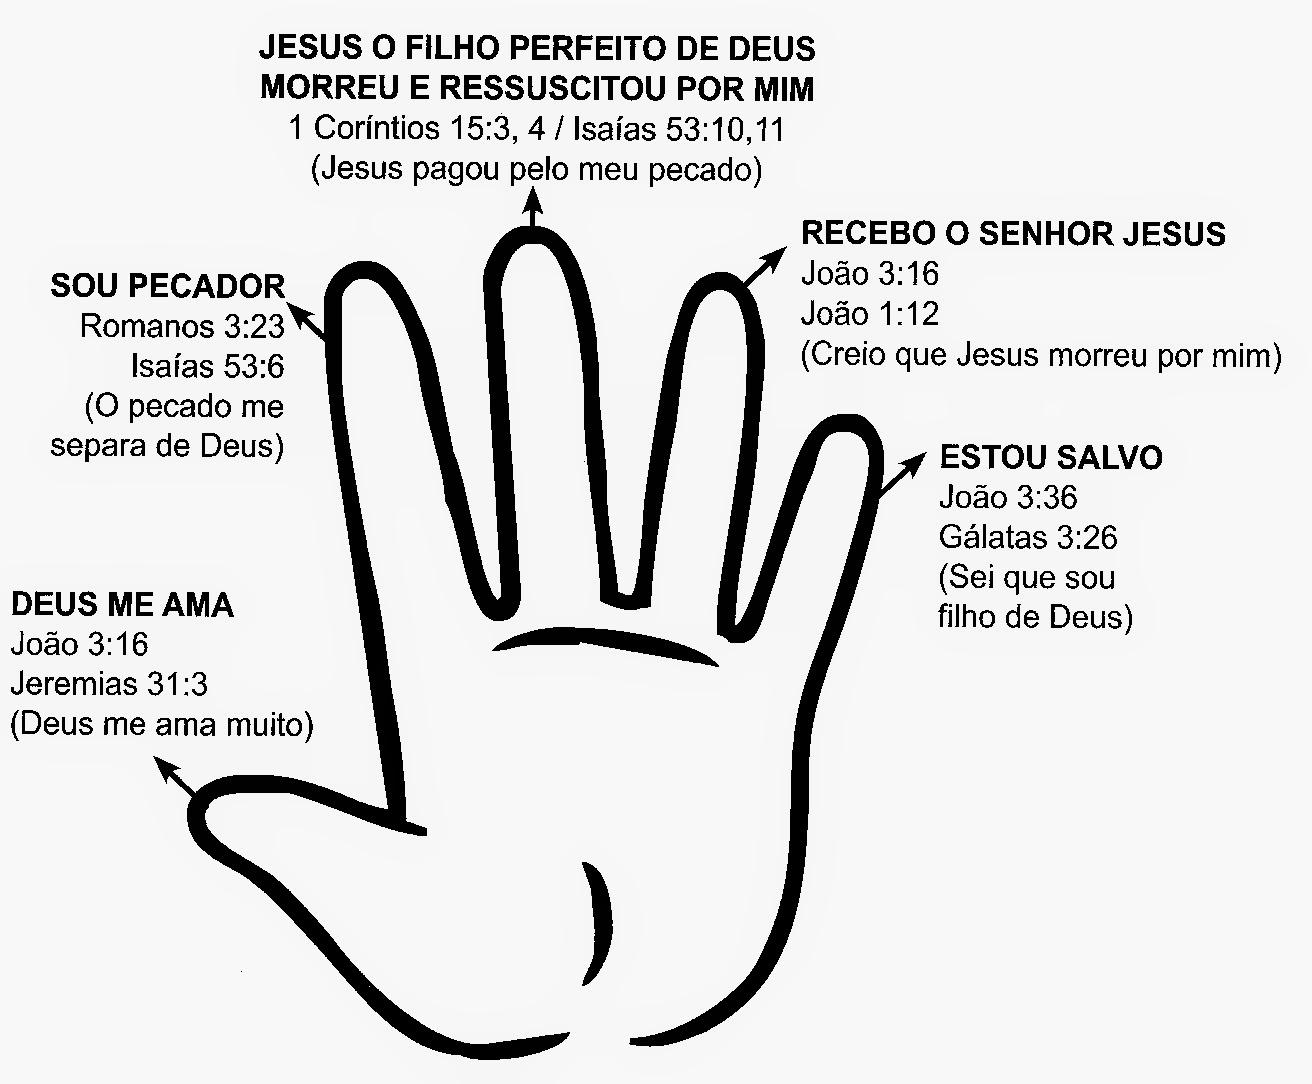 Amor sem pecado 2015 - 1 part 6